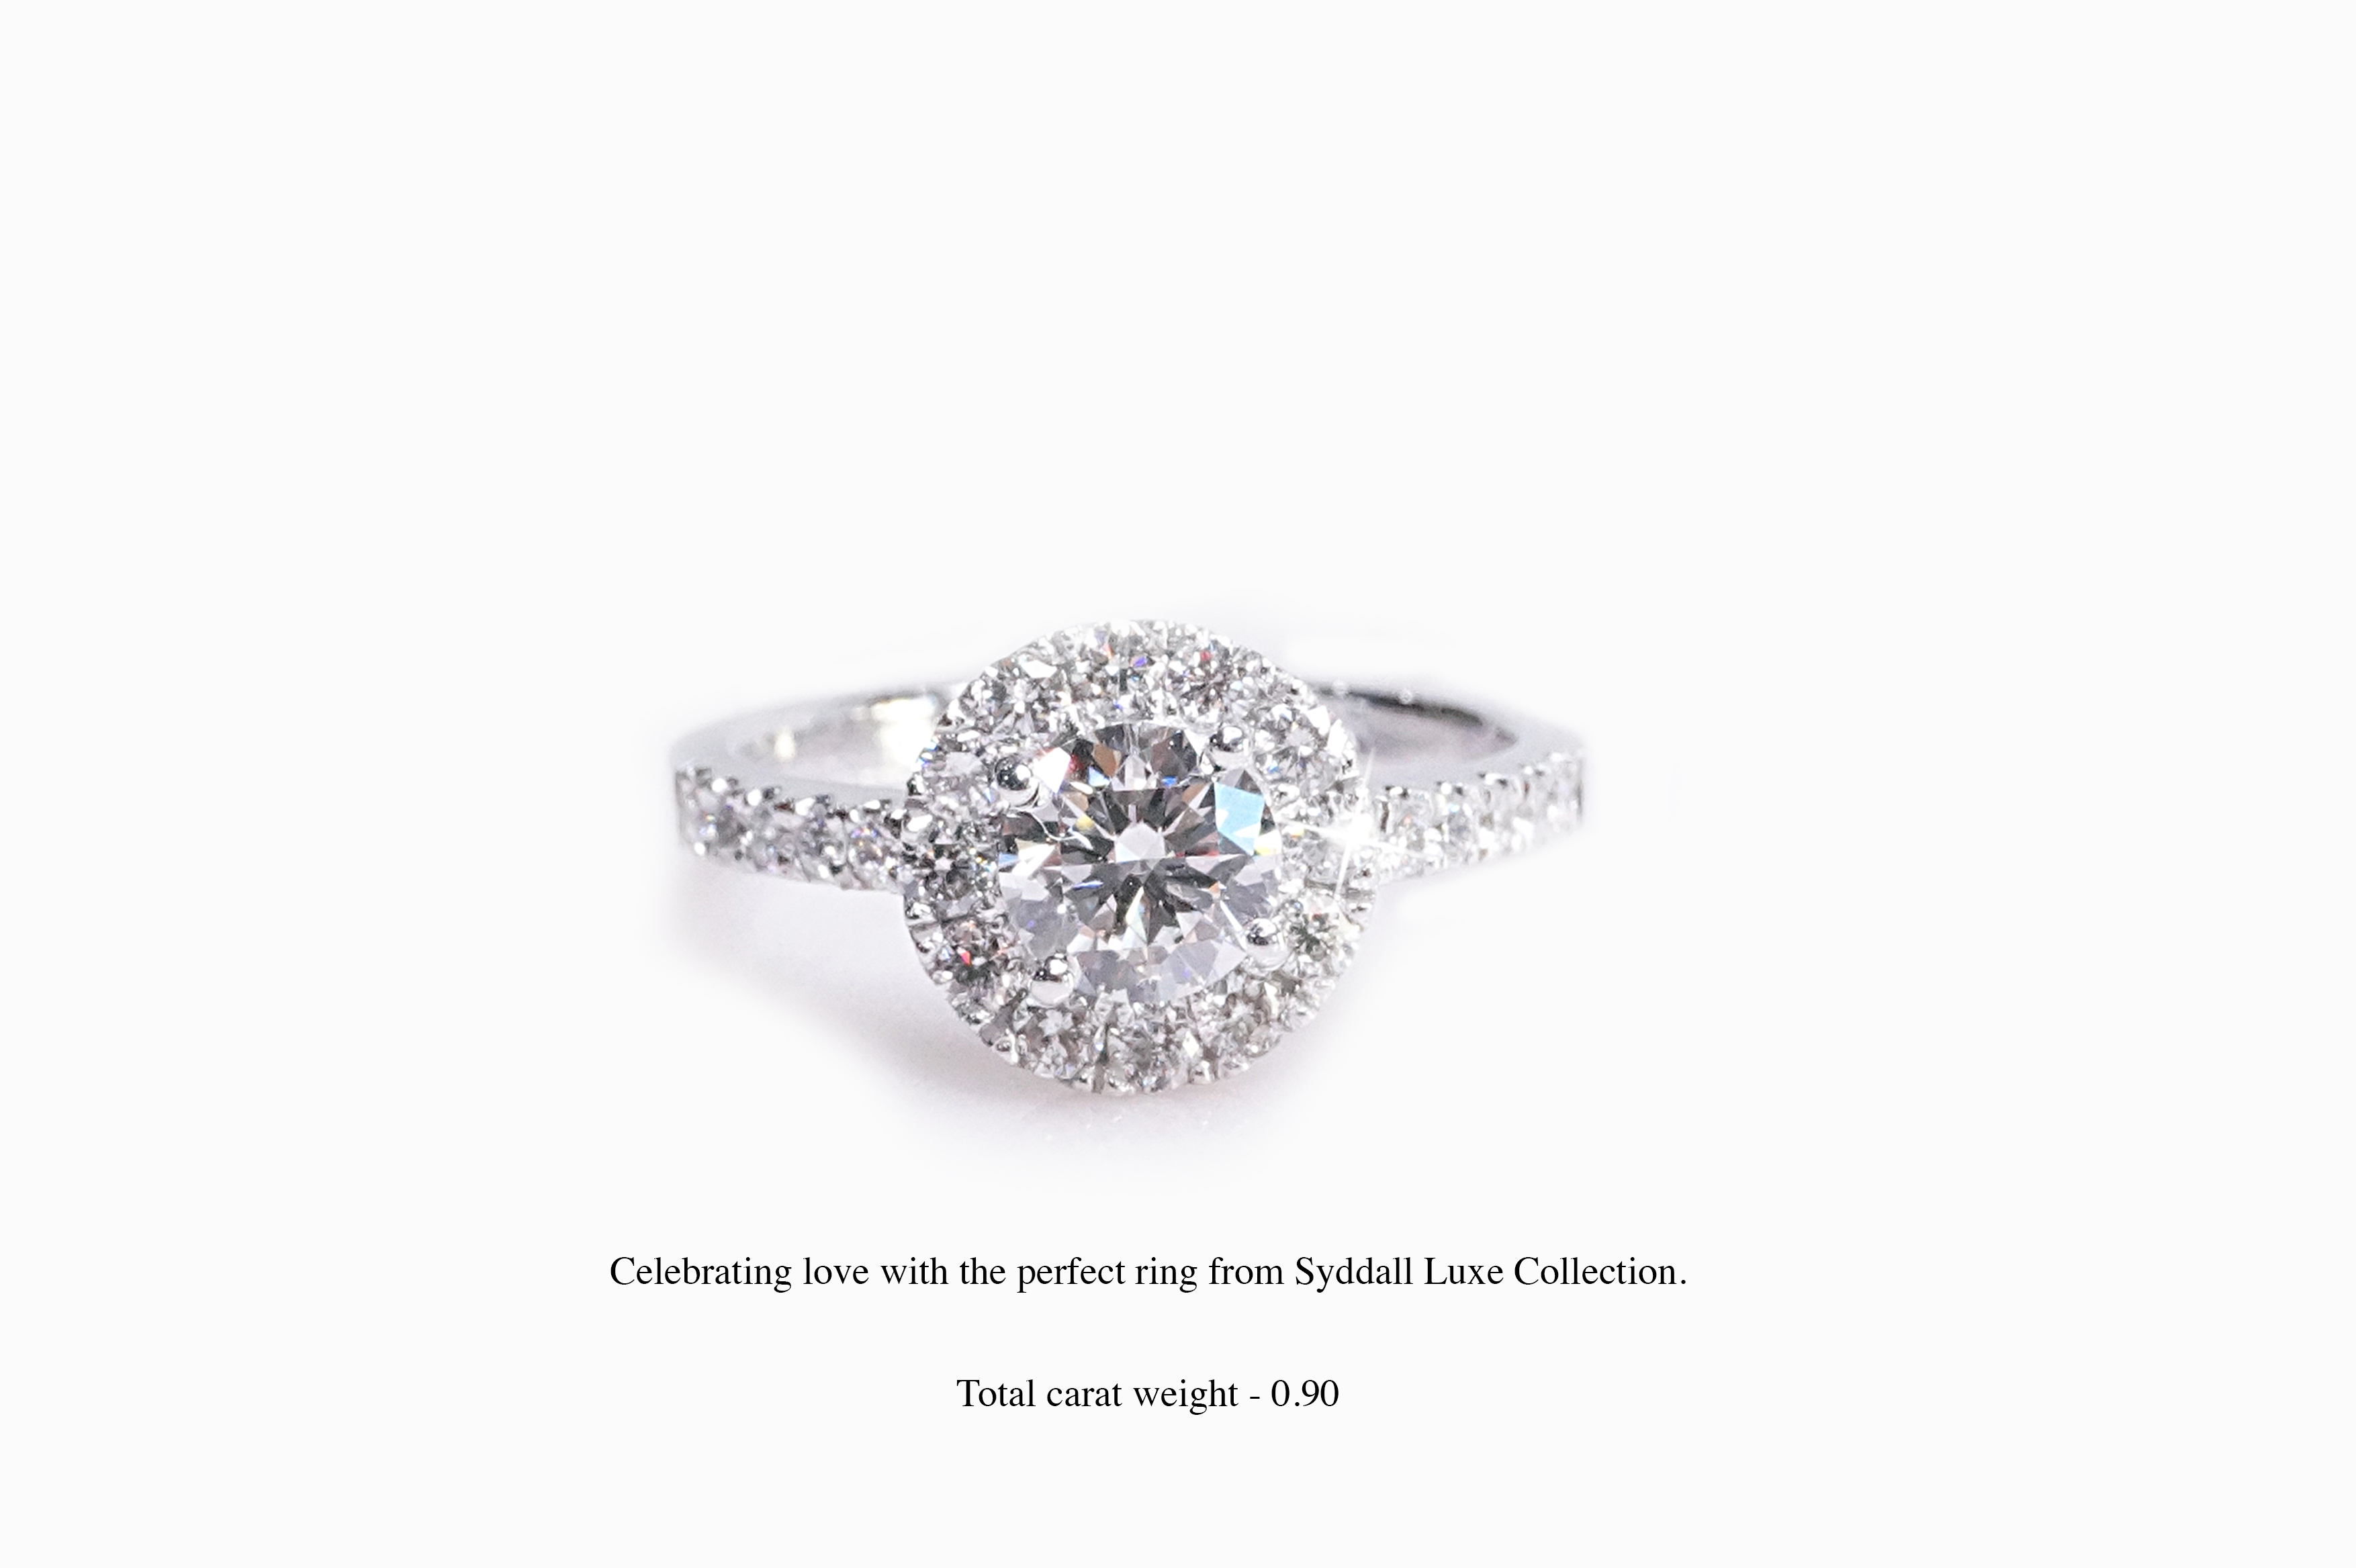 Customer's Nando Proposal Ring